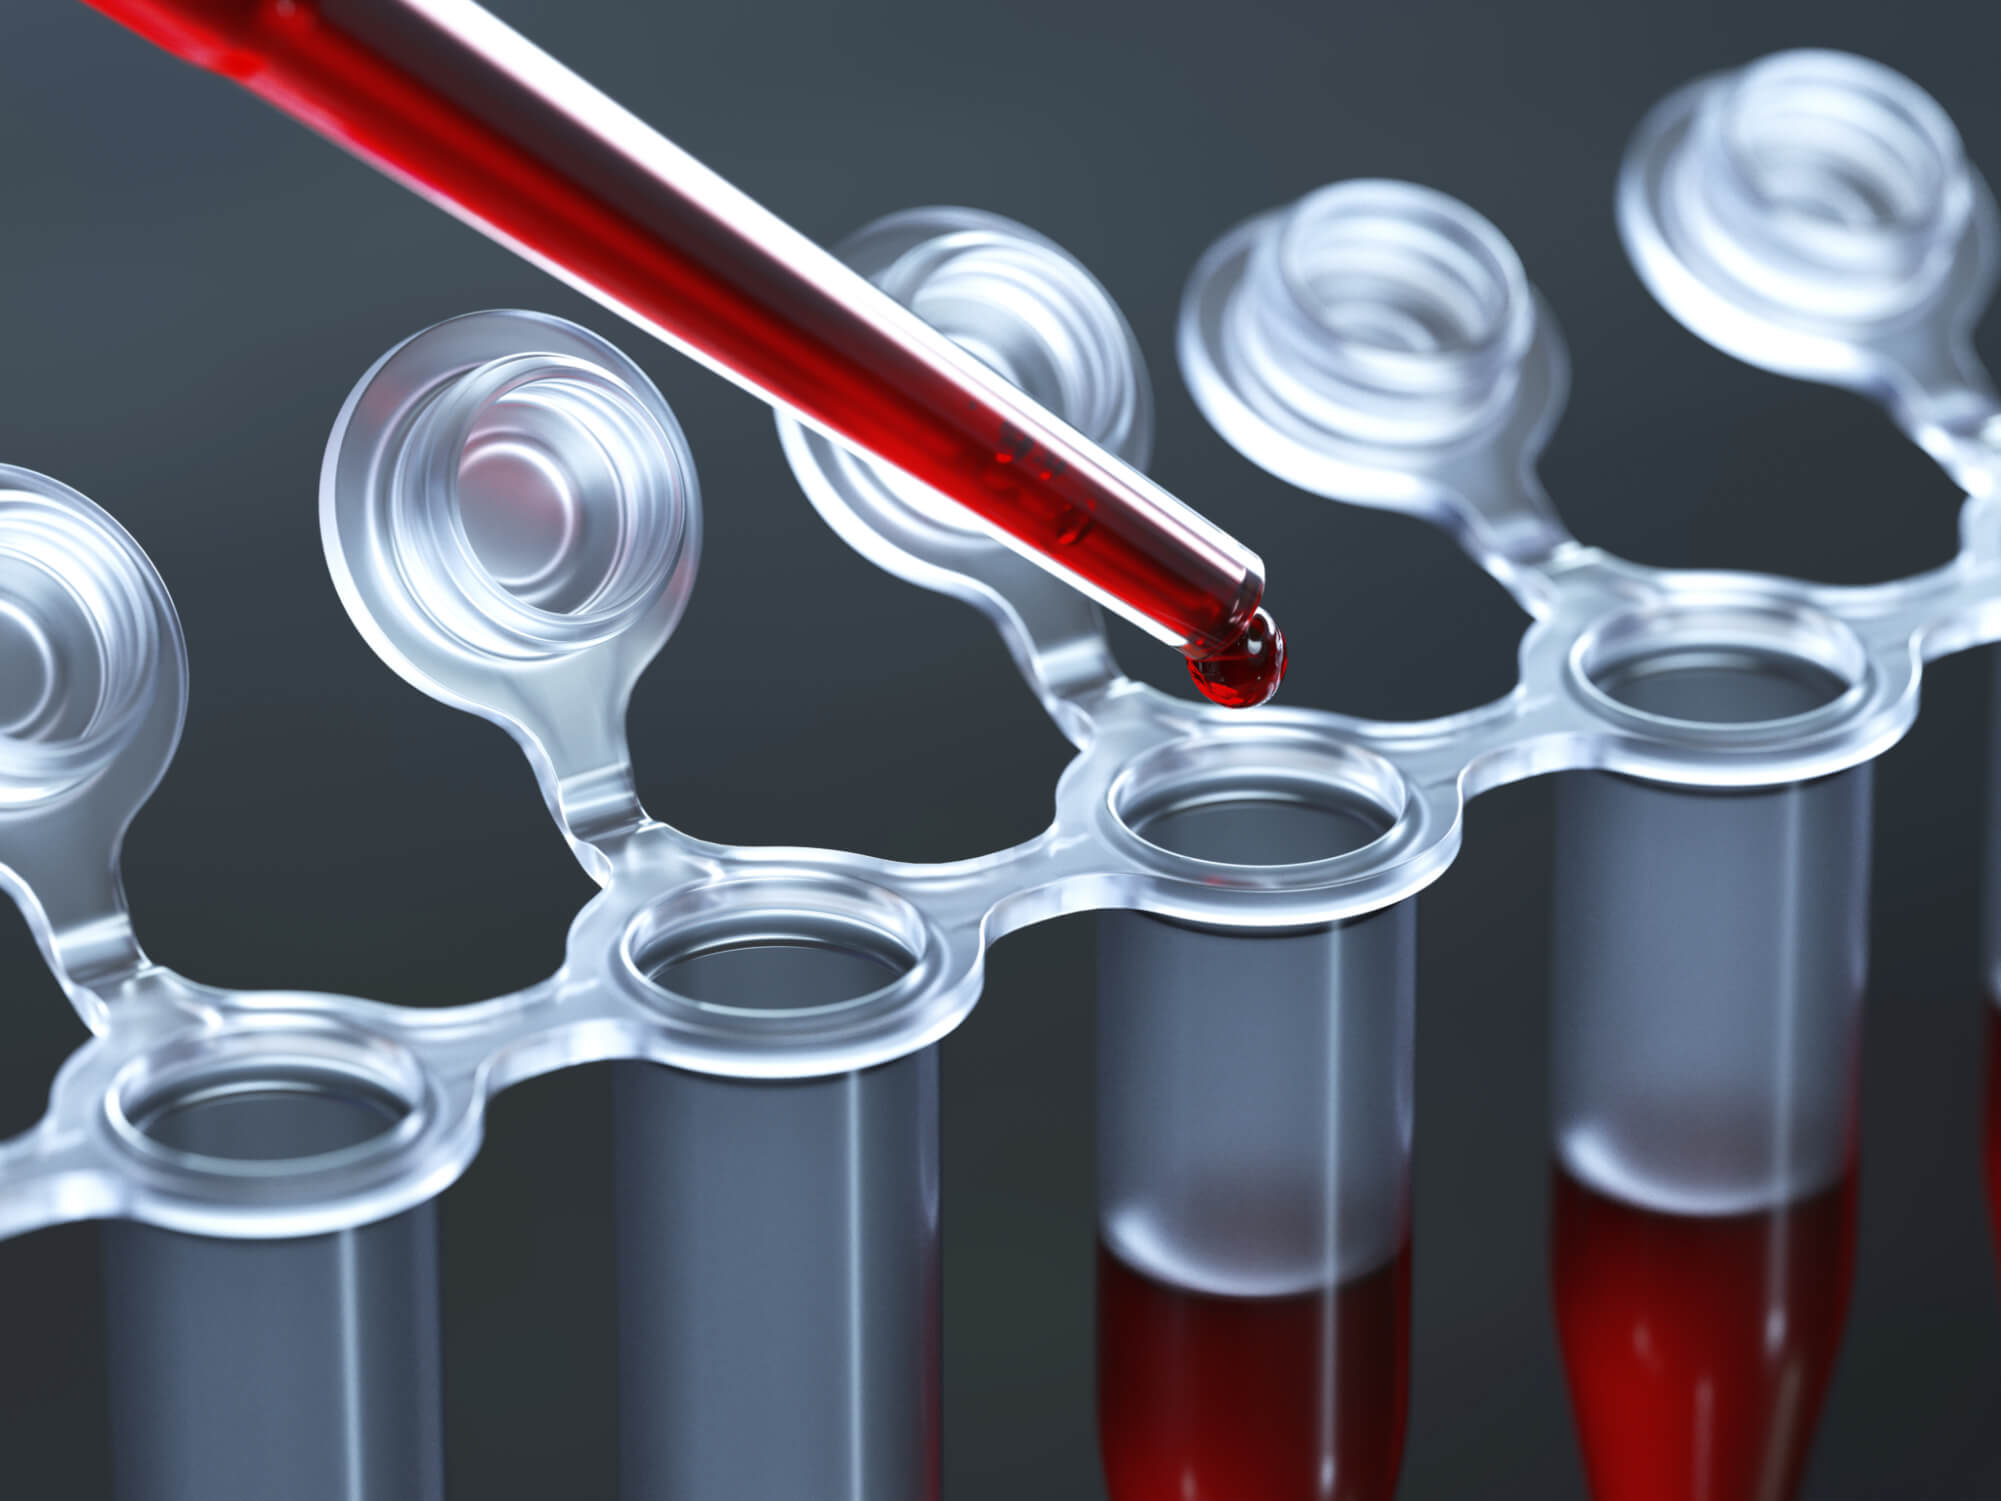 Направление на анализ крови: бланк и требования к его заполнению